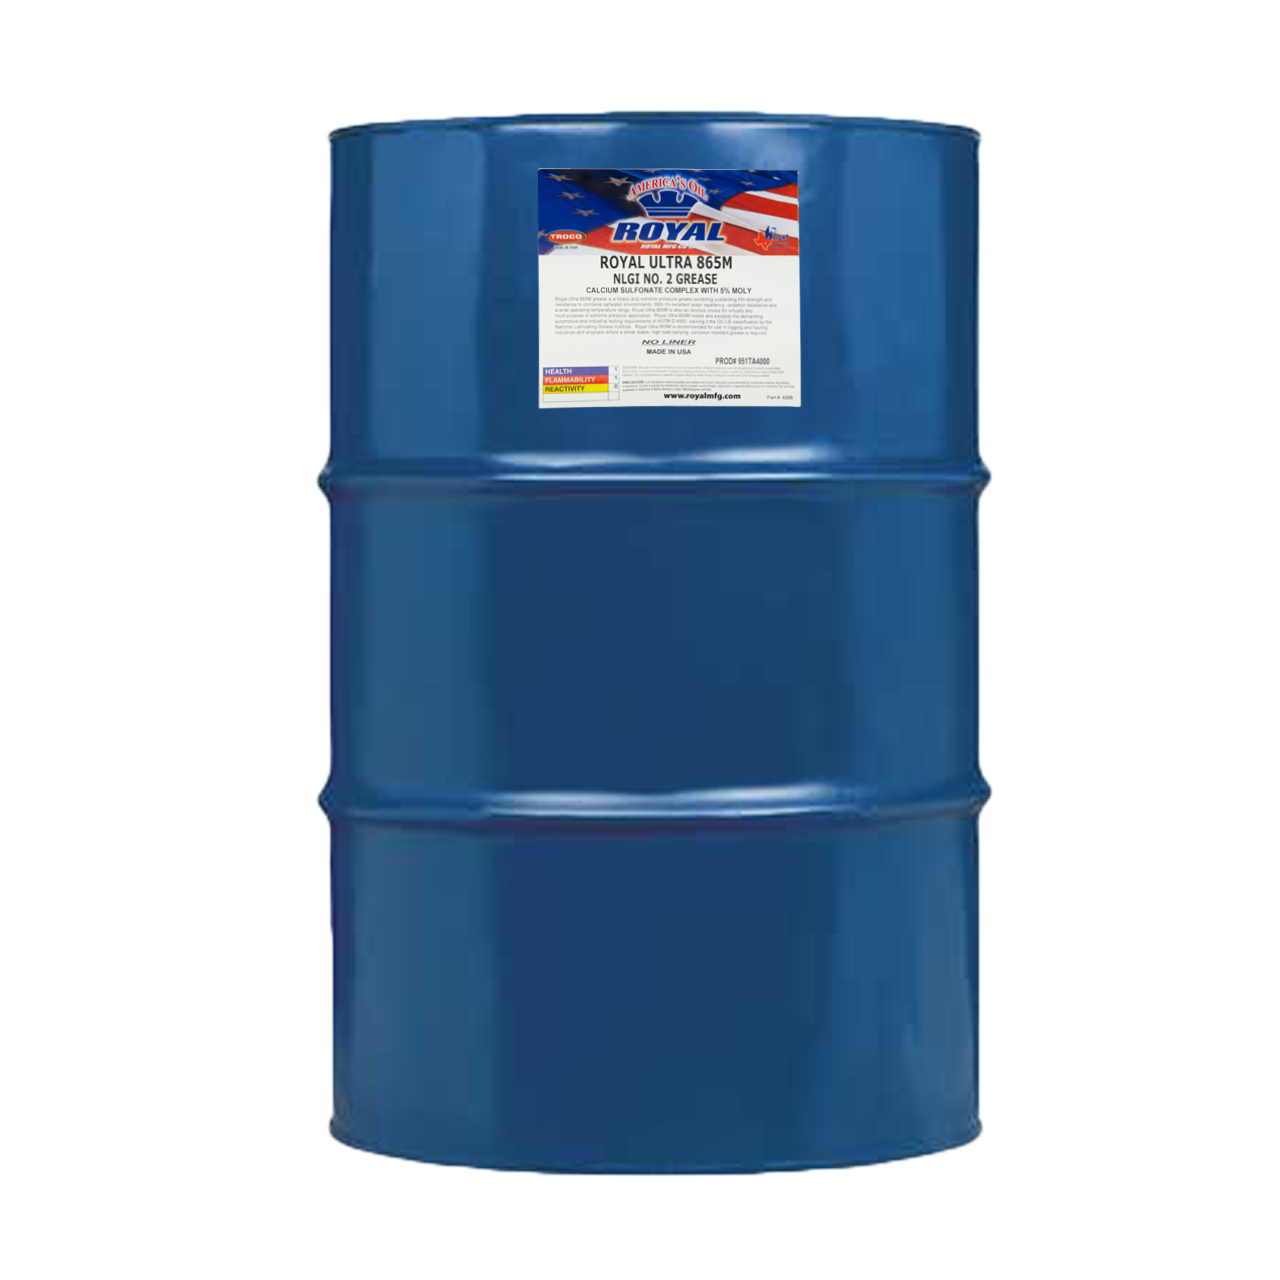 #400 Pound Drum/55 Gal. Drum